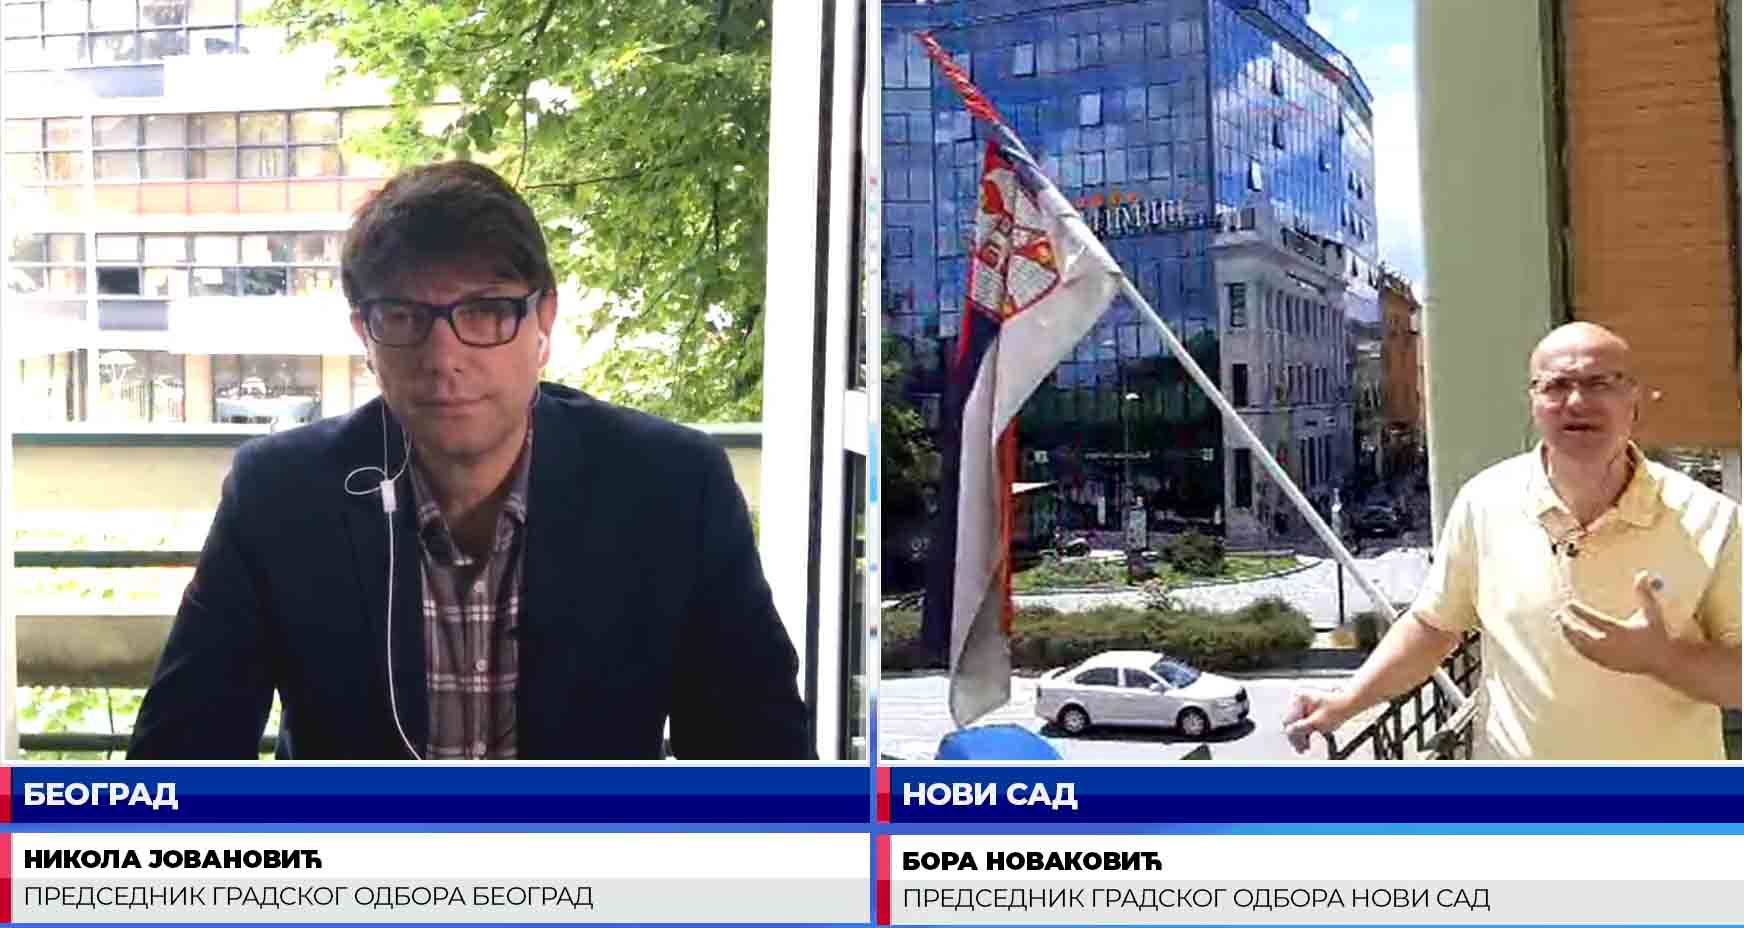 Новаковић и Јовановић: Новом Саду и Београду неопходне корените промене